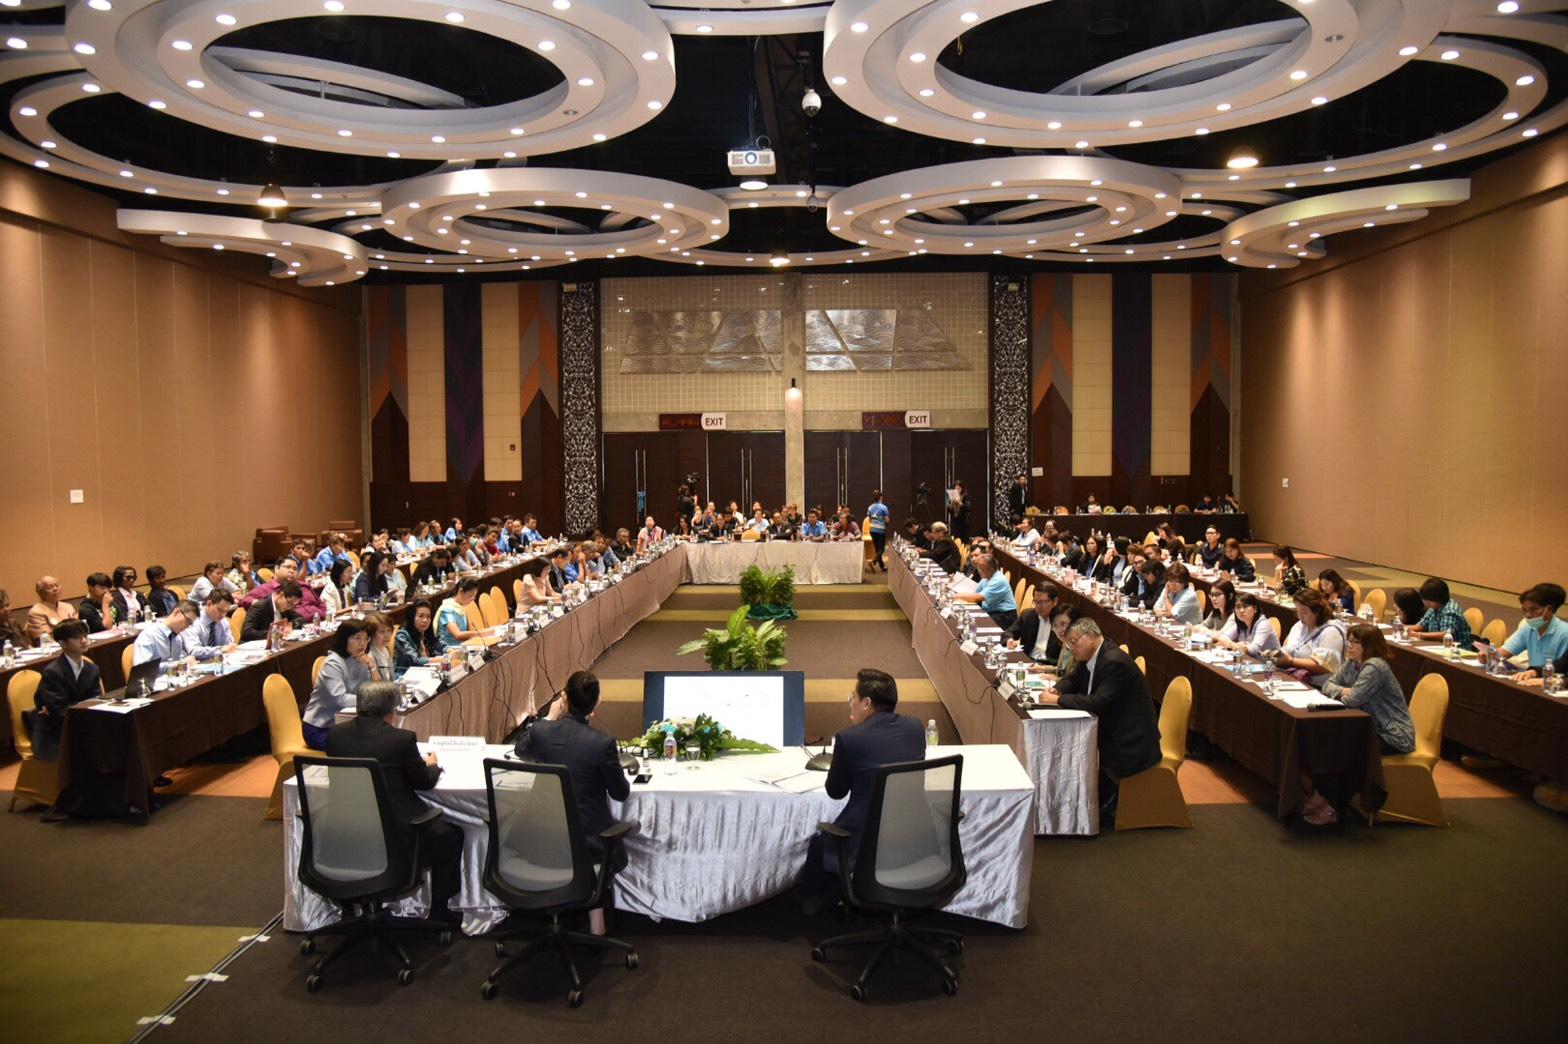 'พาณิชย์' ลงพื้นที่ภาคตะวันออก ฟังความเห็นการเข้าเป็นสมาชิก CPTPP